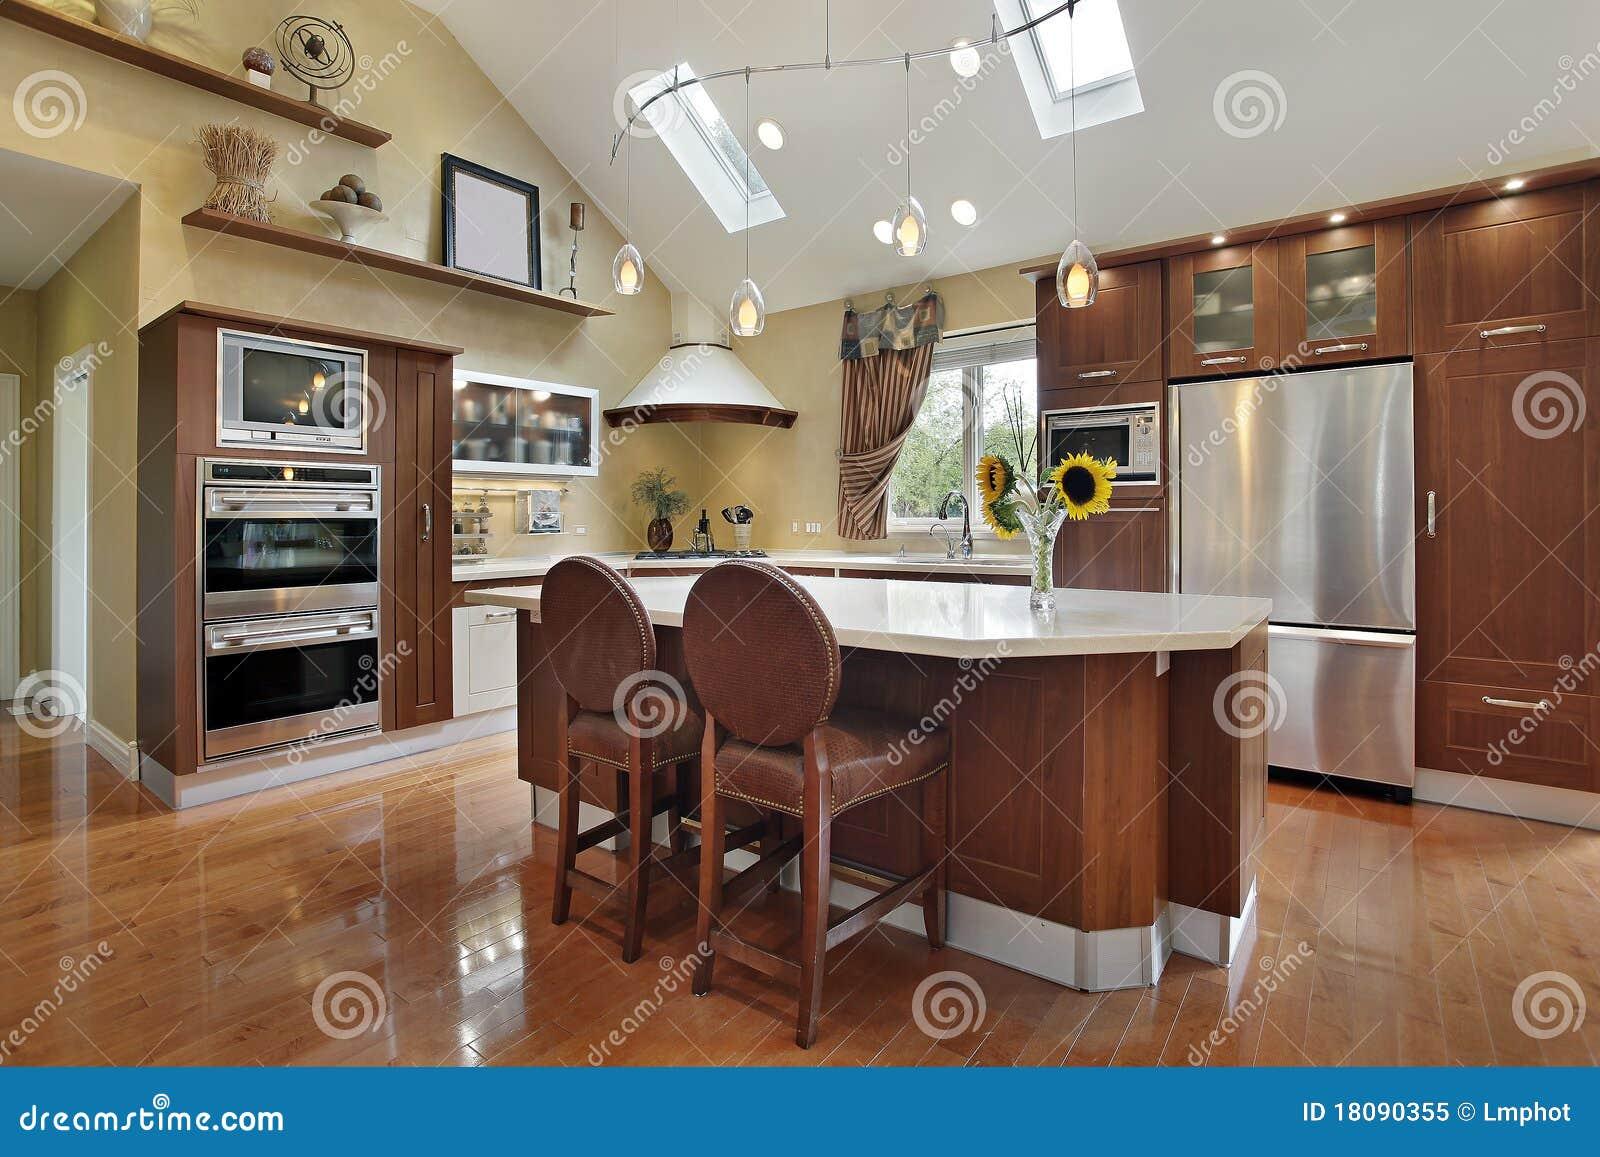 Cucina di lusso con cabinetry del redwood immagine stock - Cucina di lusso ...